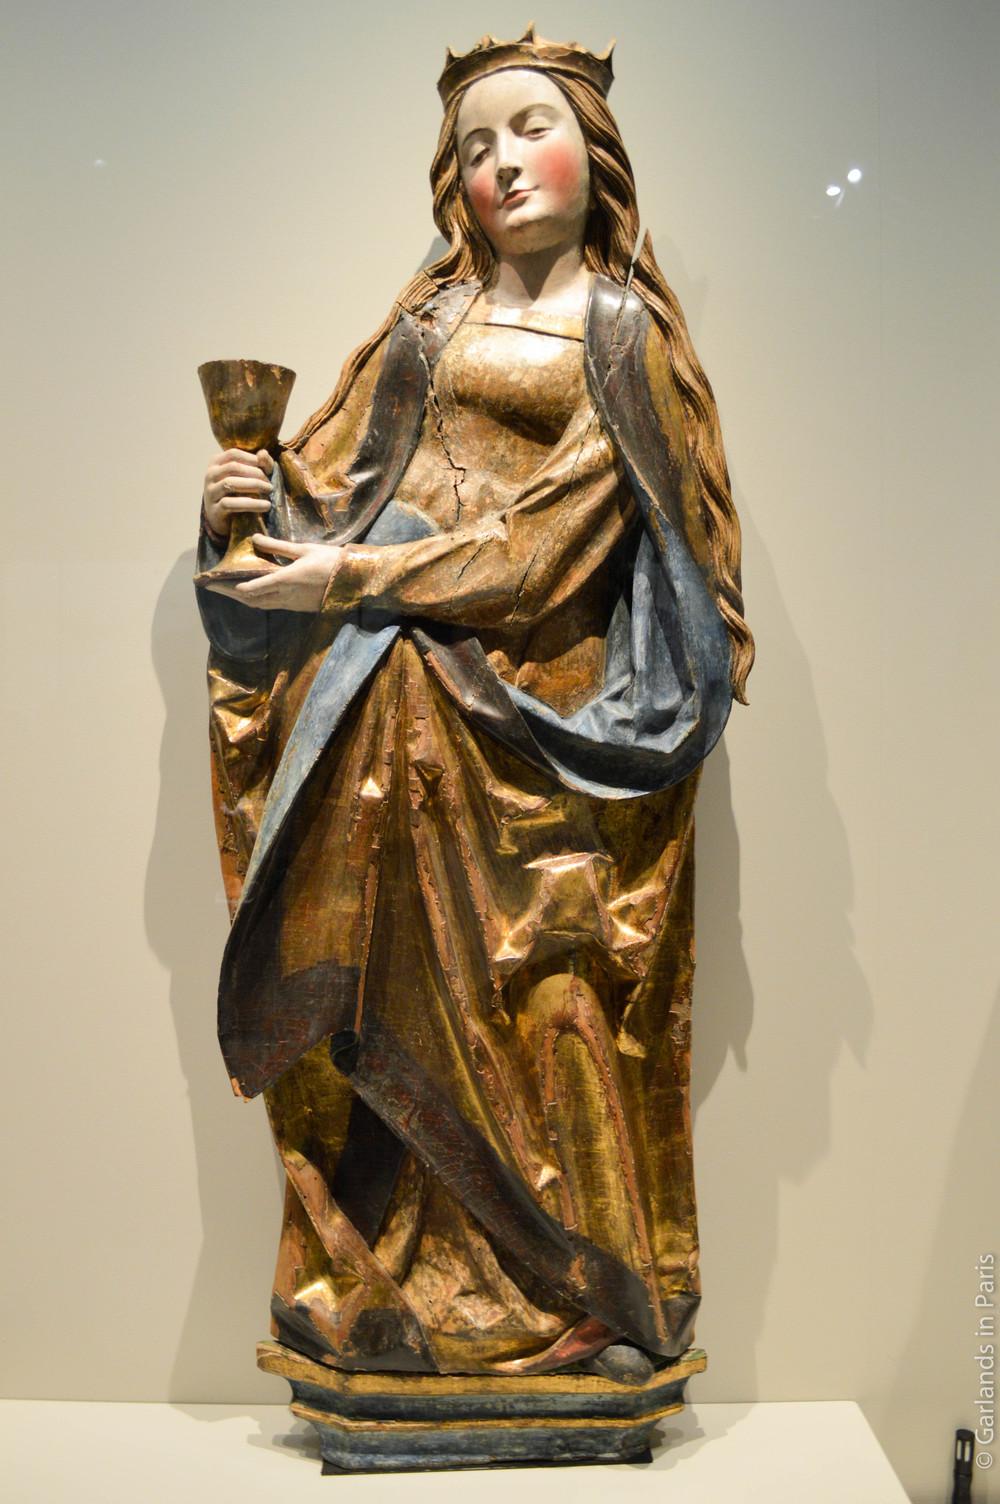 Exposition Sculptures Souabes, Musée de Cluny, Paris